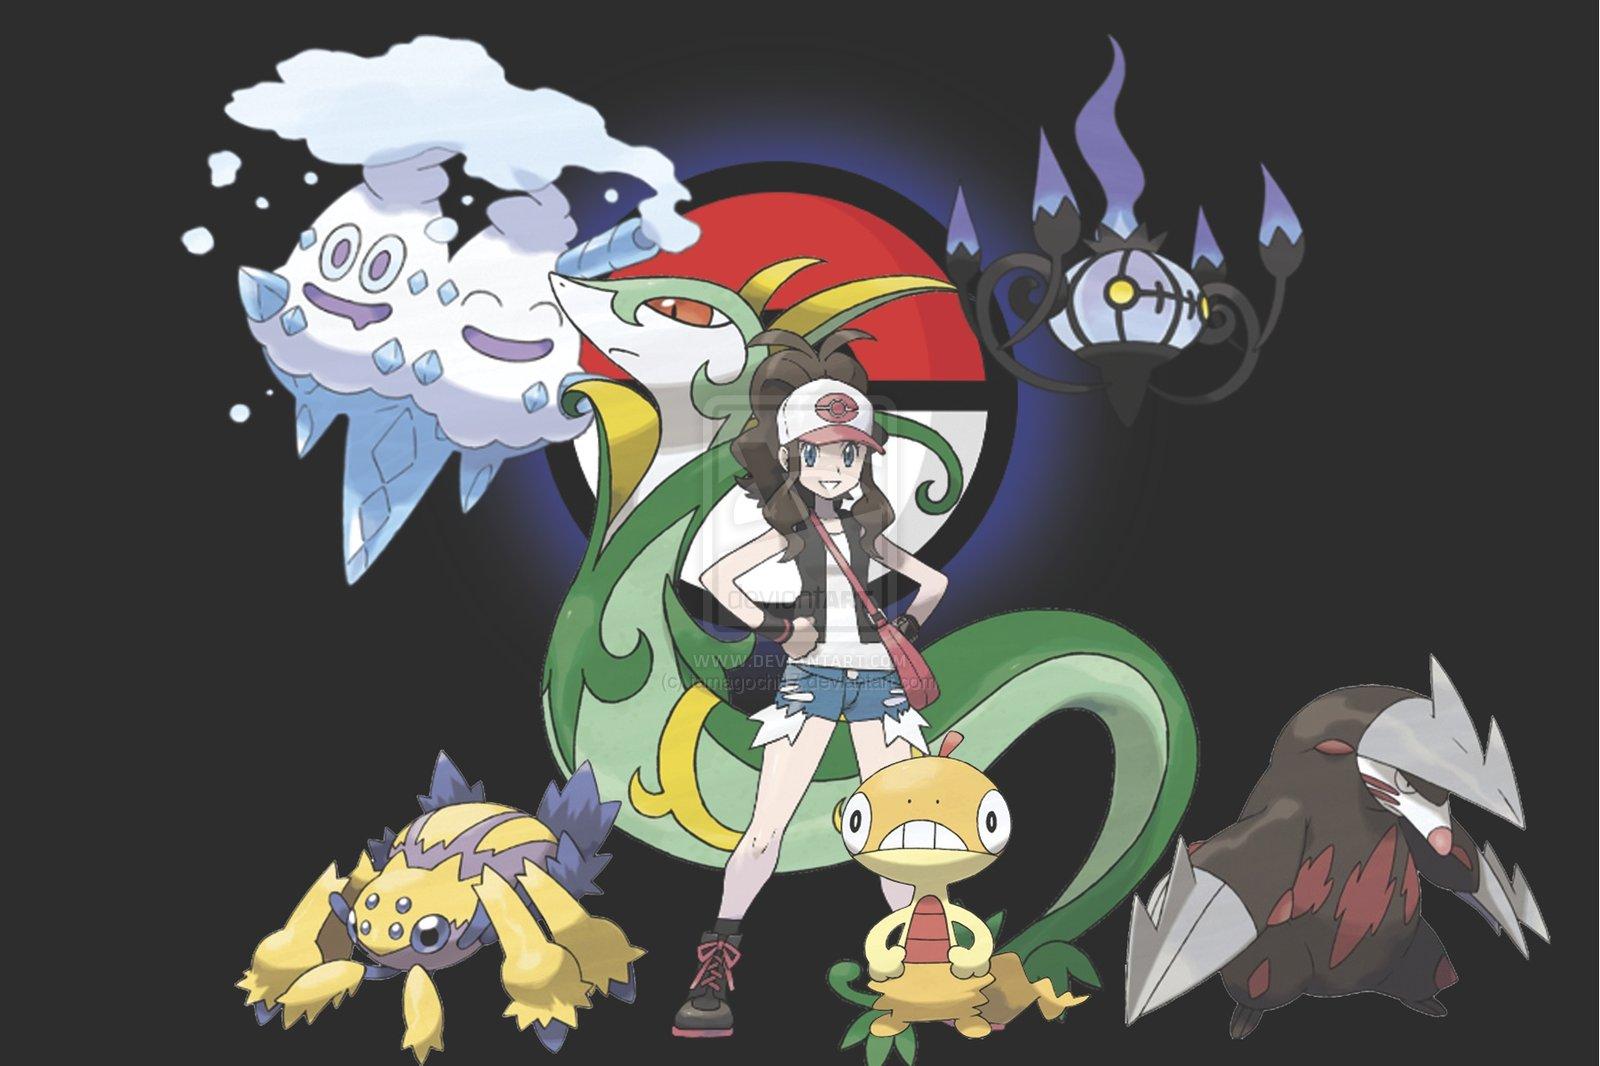 http://4.bp.blogspot.com/-fQDofejDmvE/T6zwVUI2lBI/AAAAAAAACOQ/txLS8qY0yQM/s1600/pokemon-white-wallpaper-pokemon-backkground.jpg